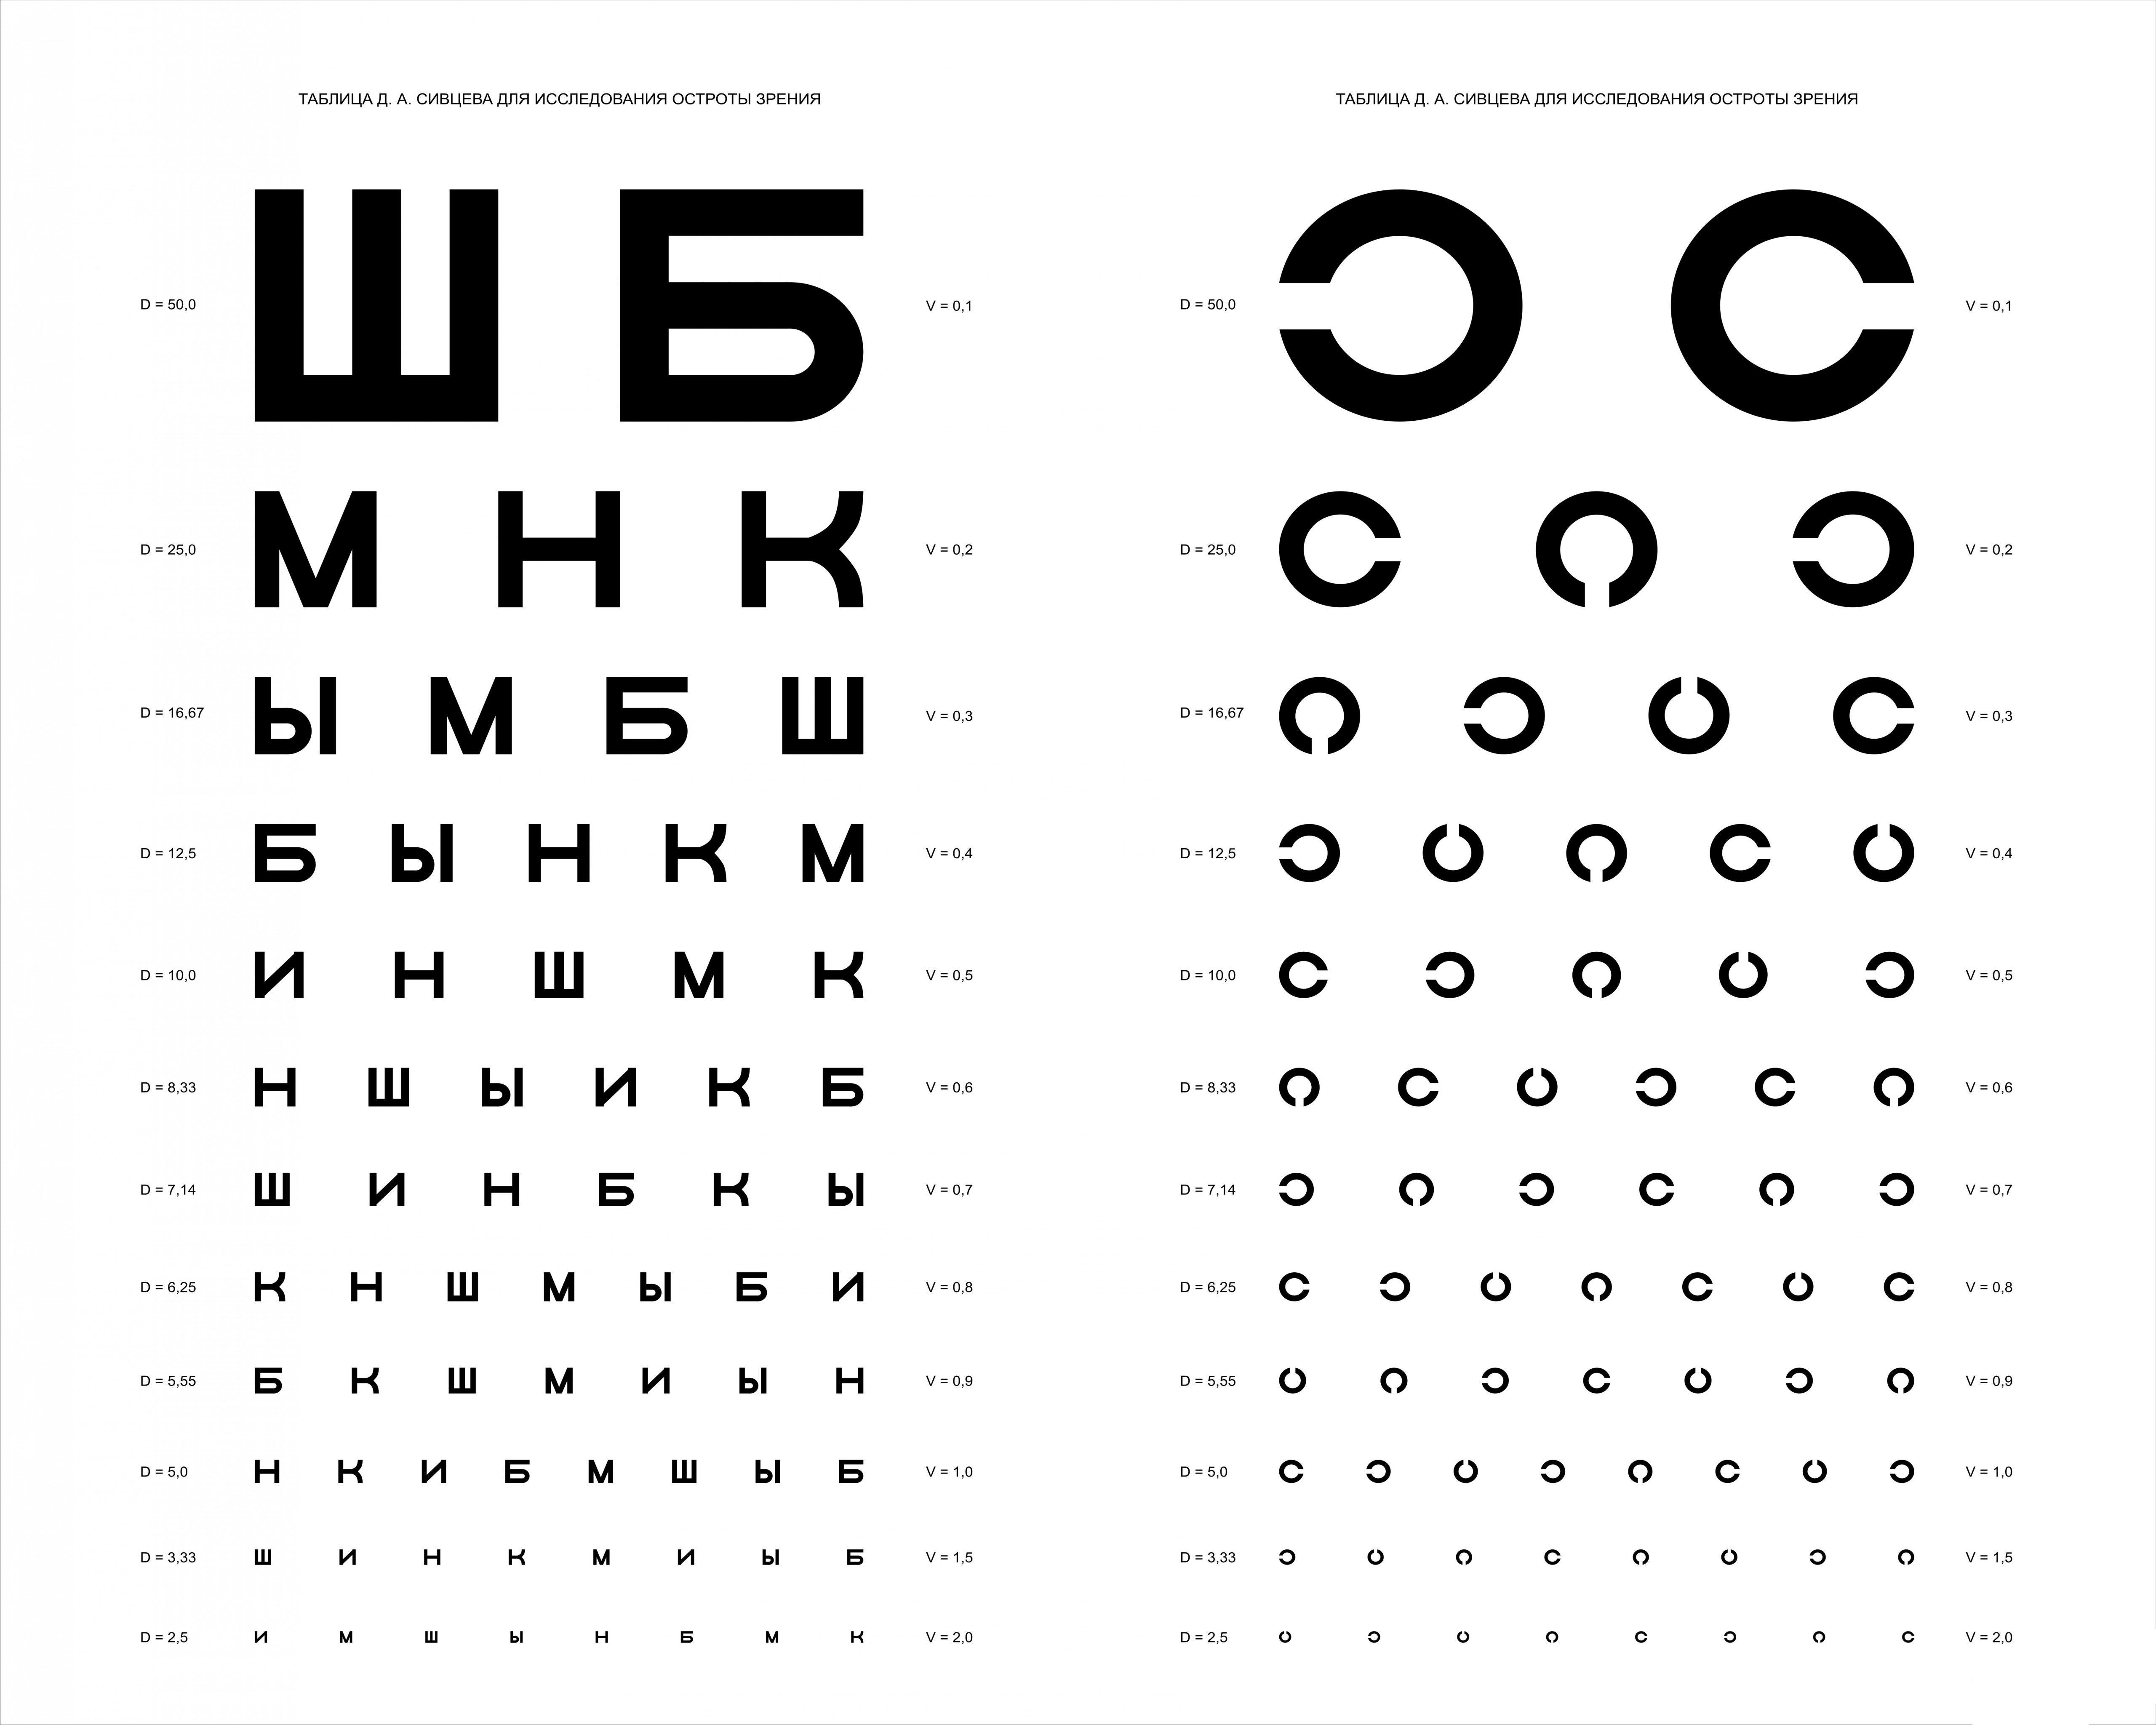 Комплекс упражнений восстановления зрения по жданову